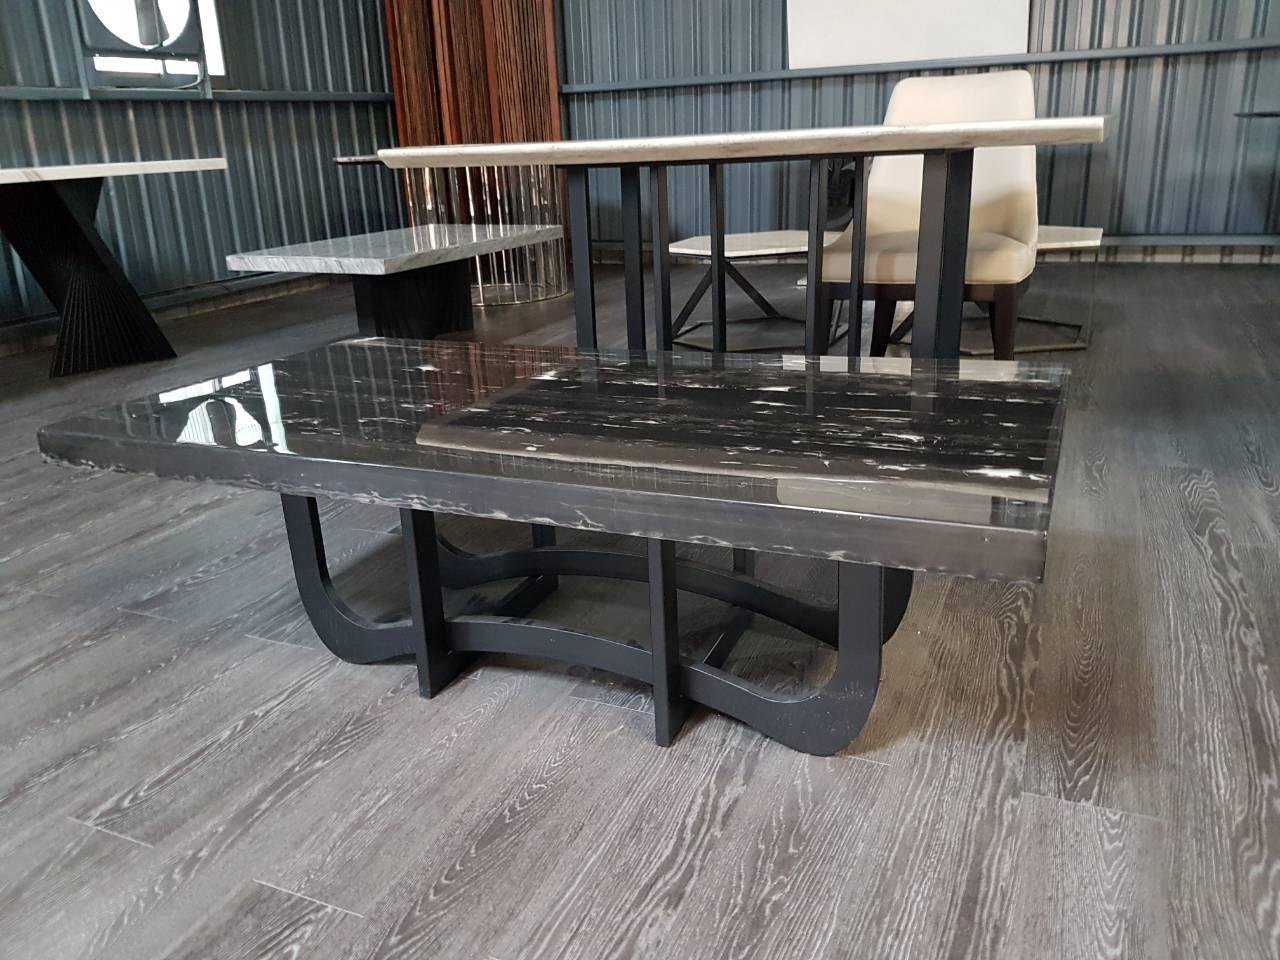 33224 – 天然石材設計家具 / 工業風設計家具